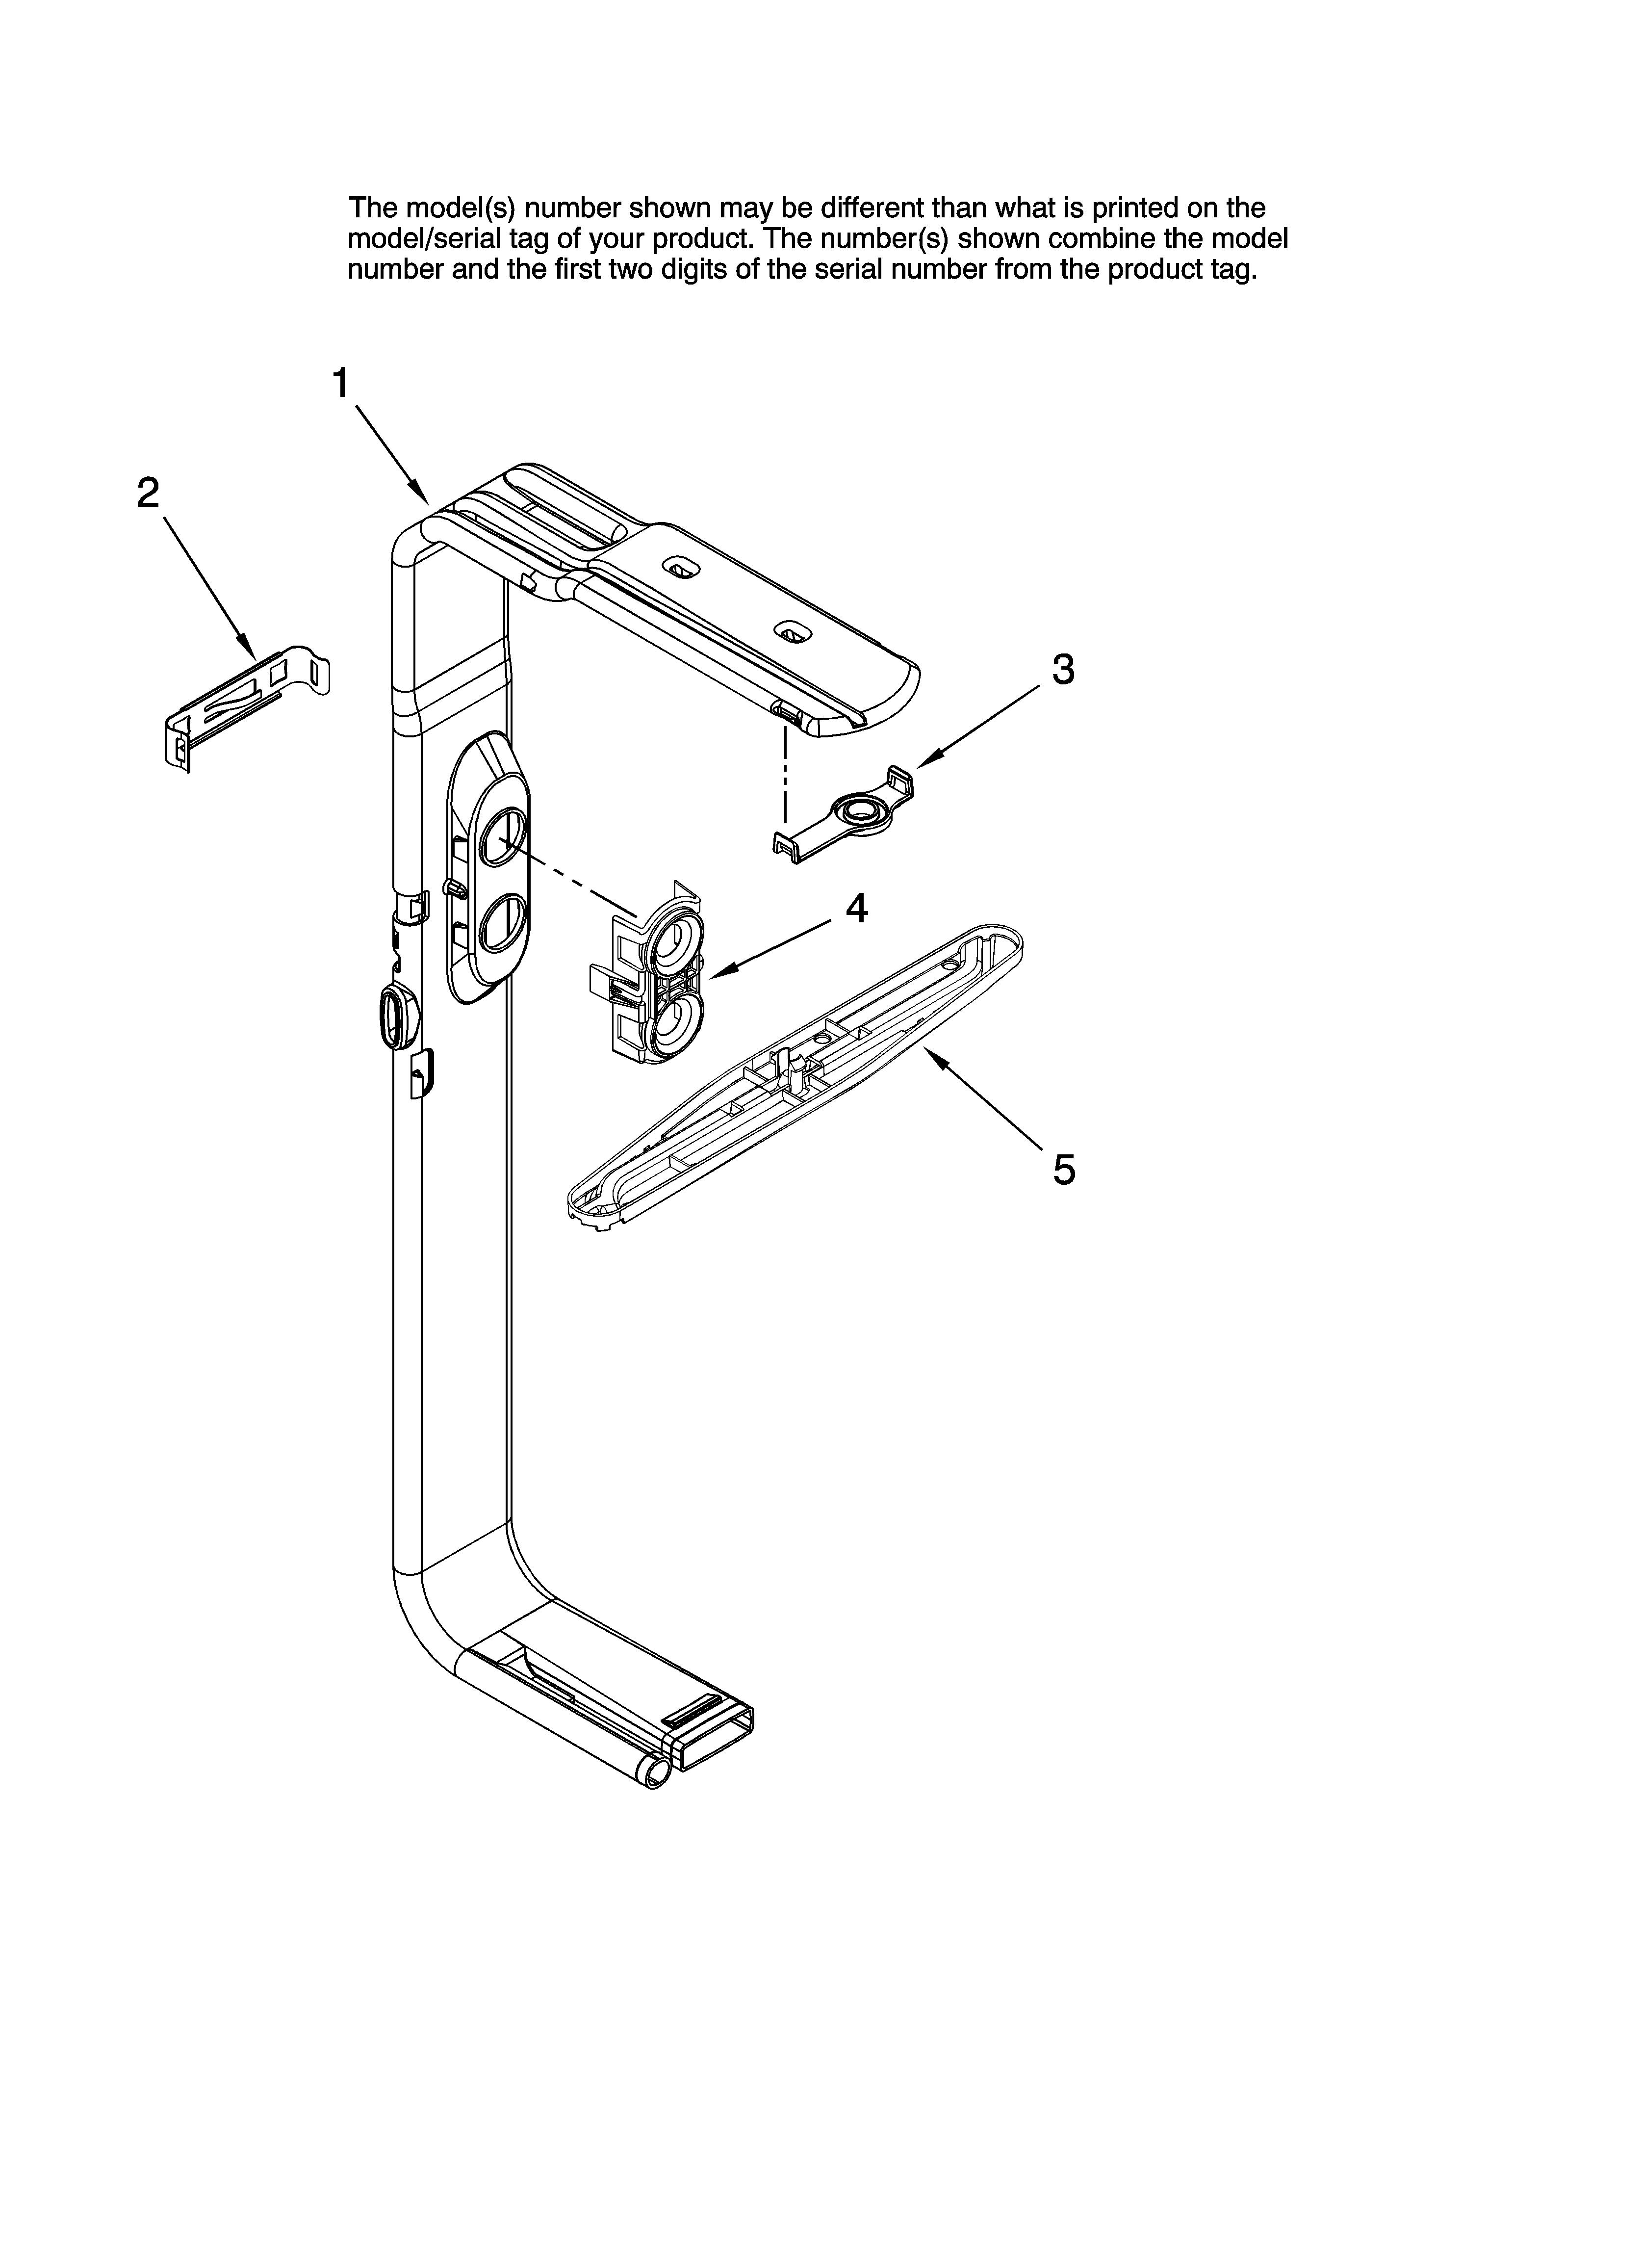 Jenn-air Jdb1105aws1 Manifold Docking Station